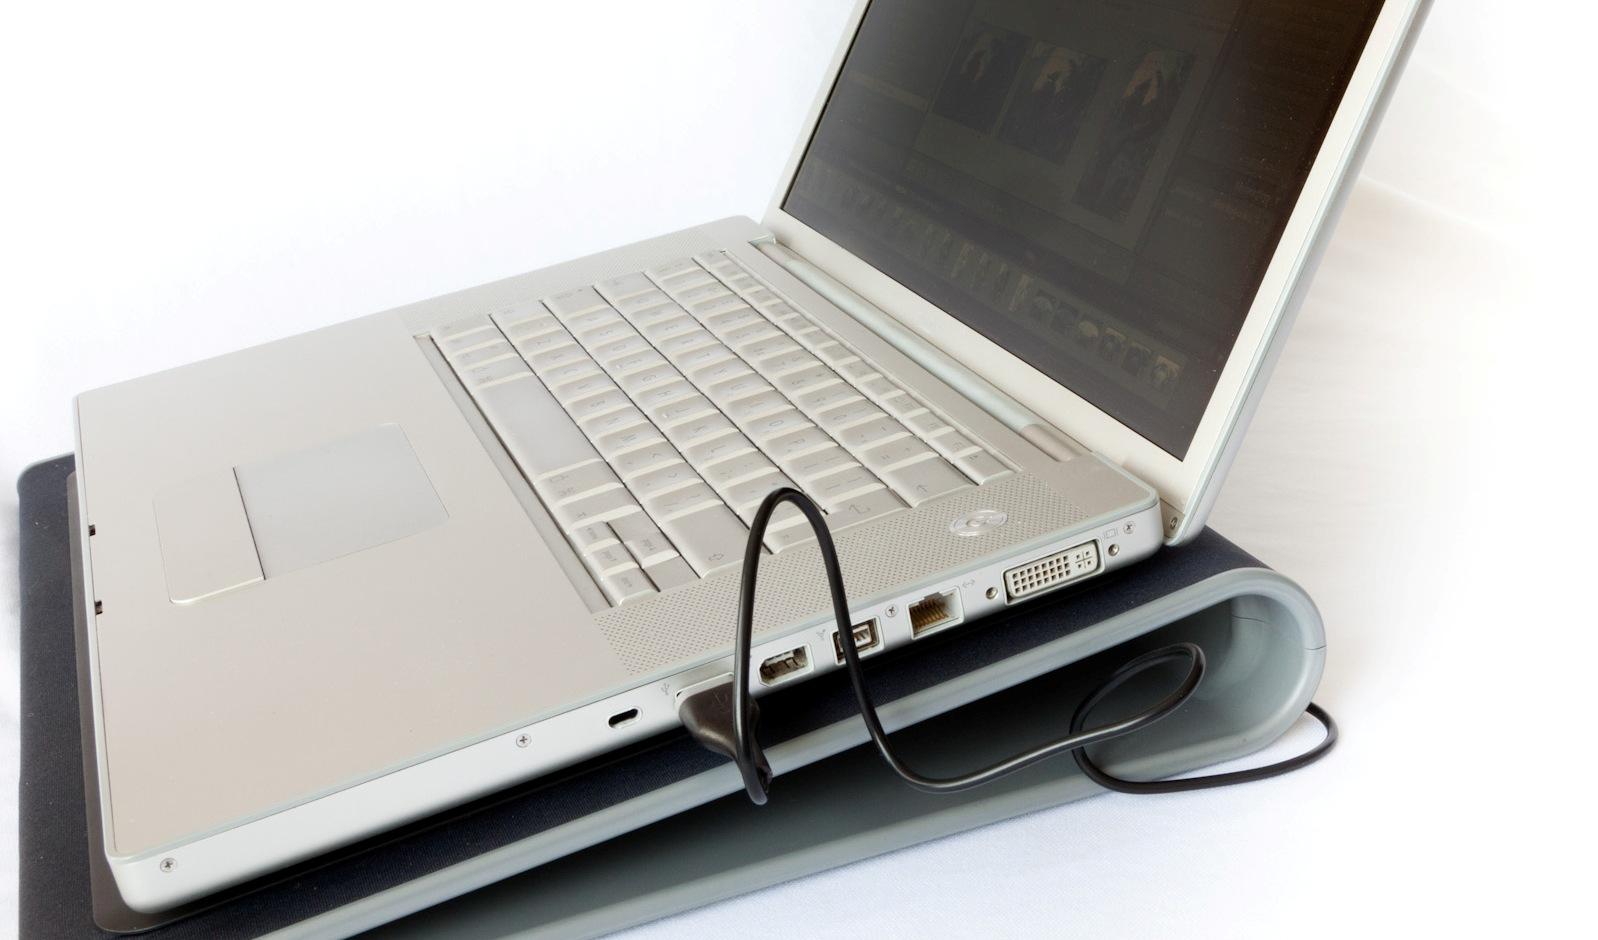 agar laptop dingin